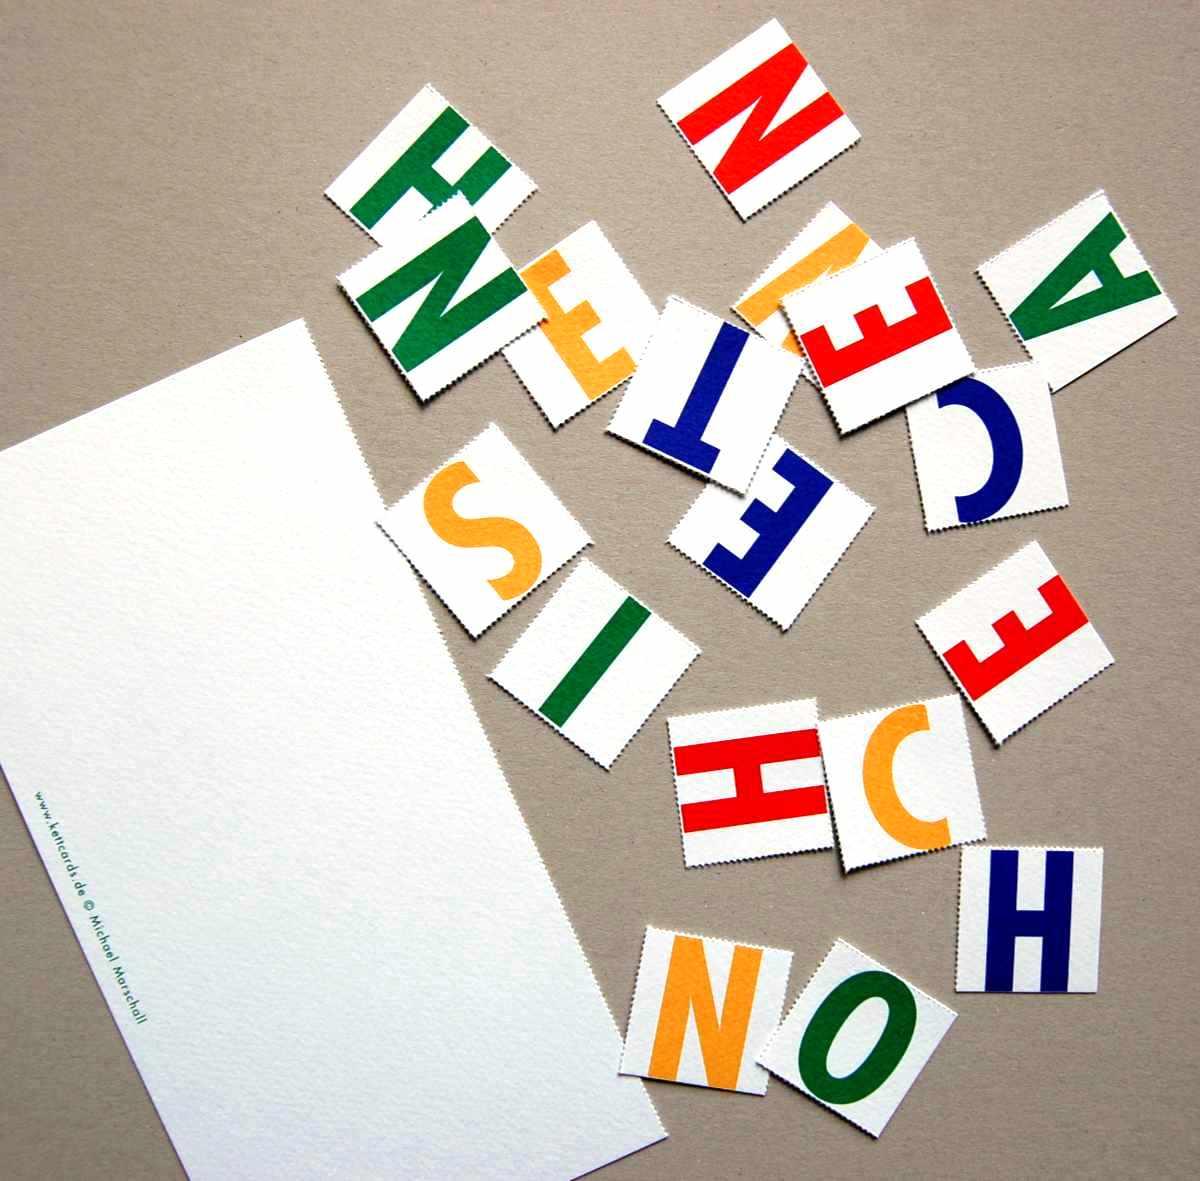 Weihnachtskarten mit Buchstaben-Puzzle: SCHOENE WEIHNACHTEN